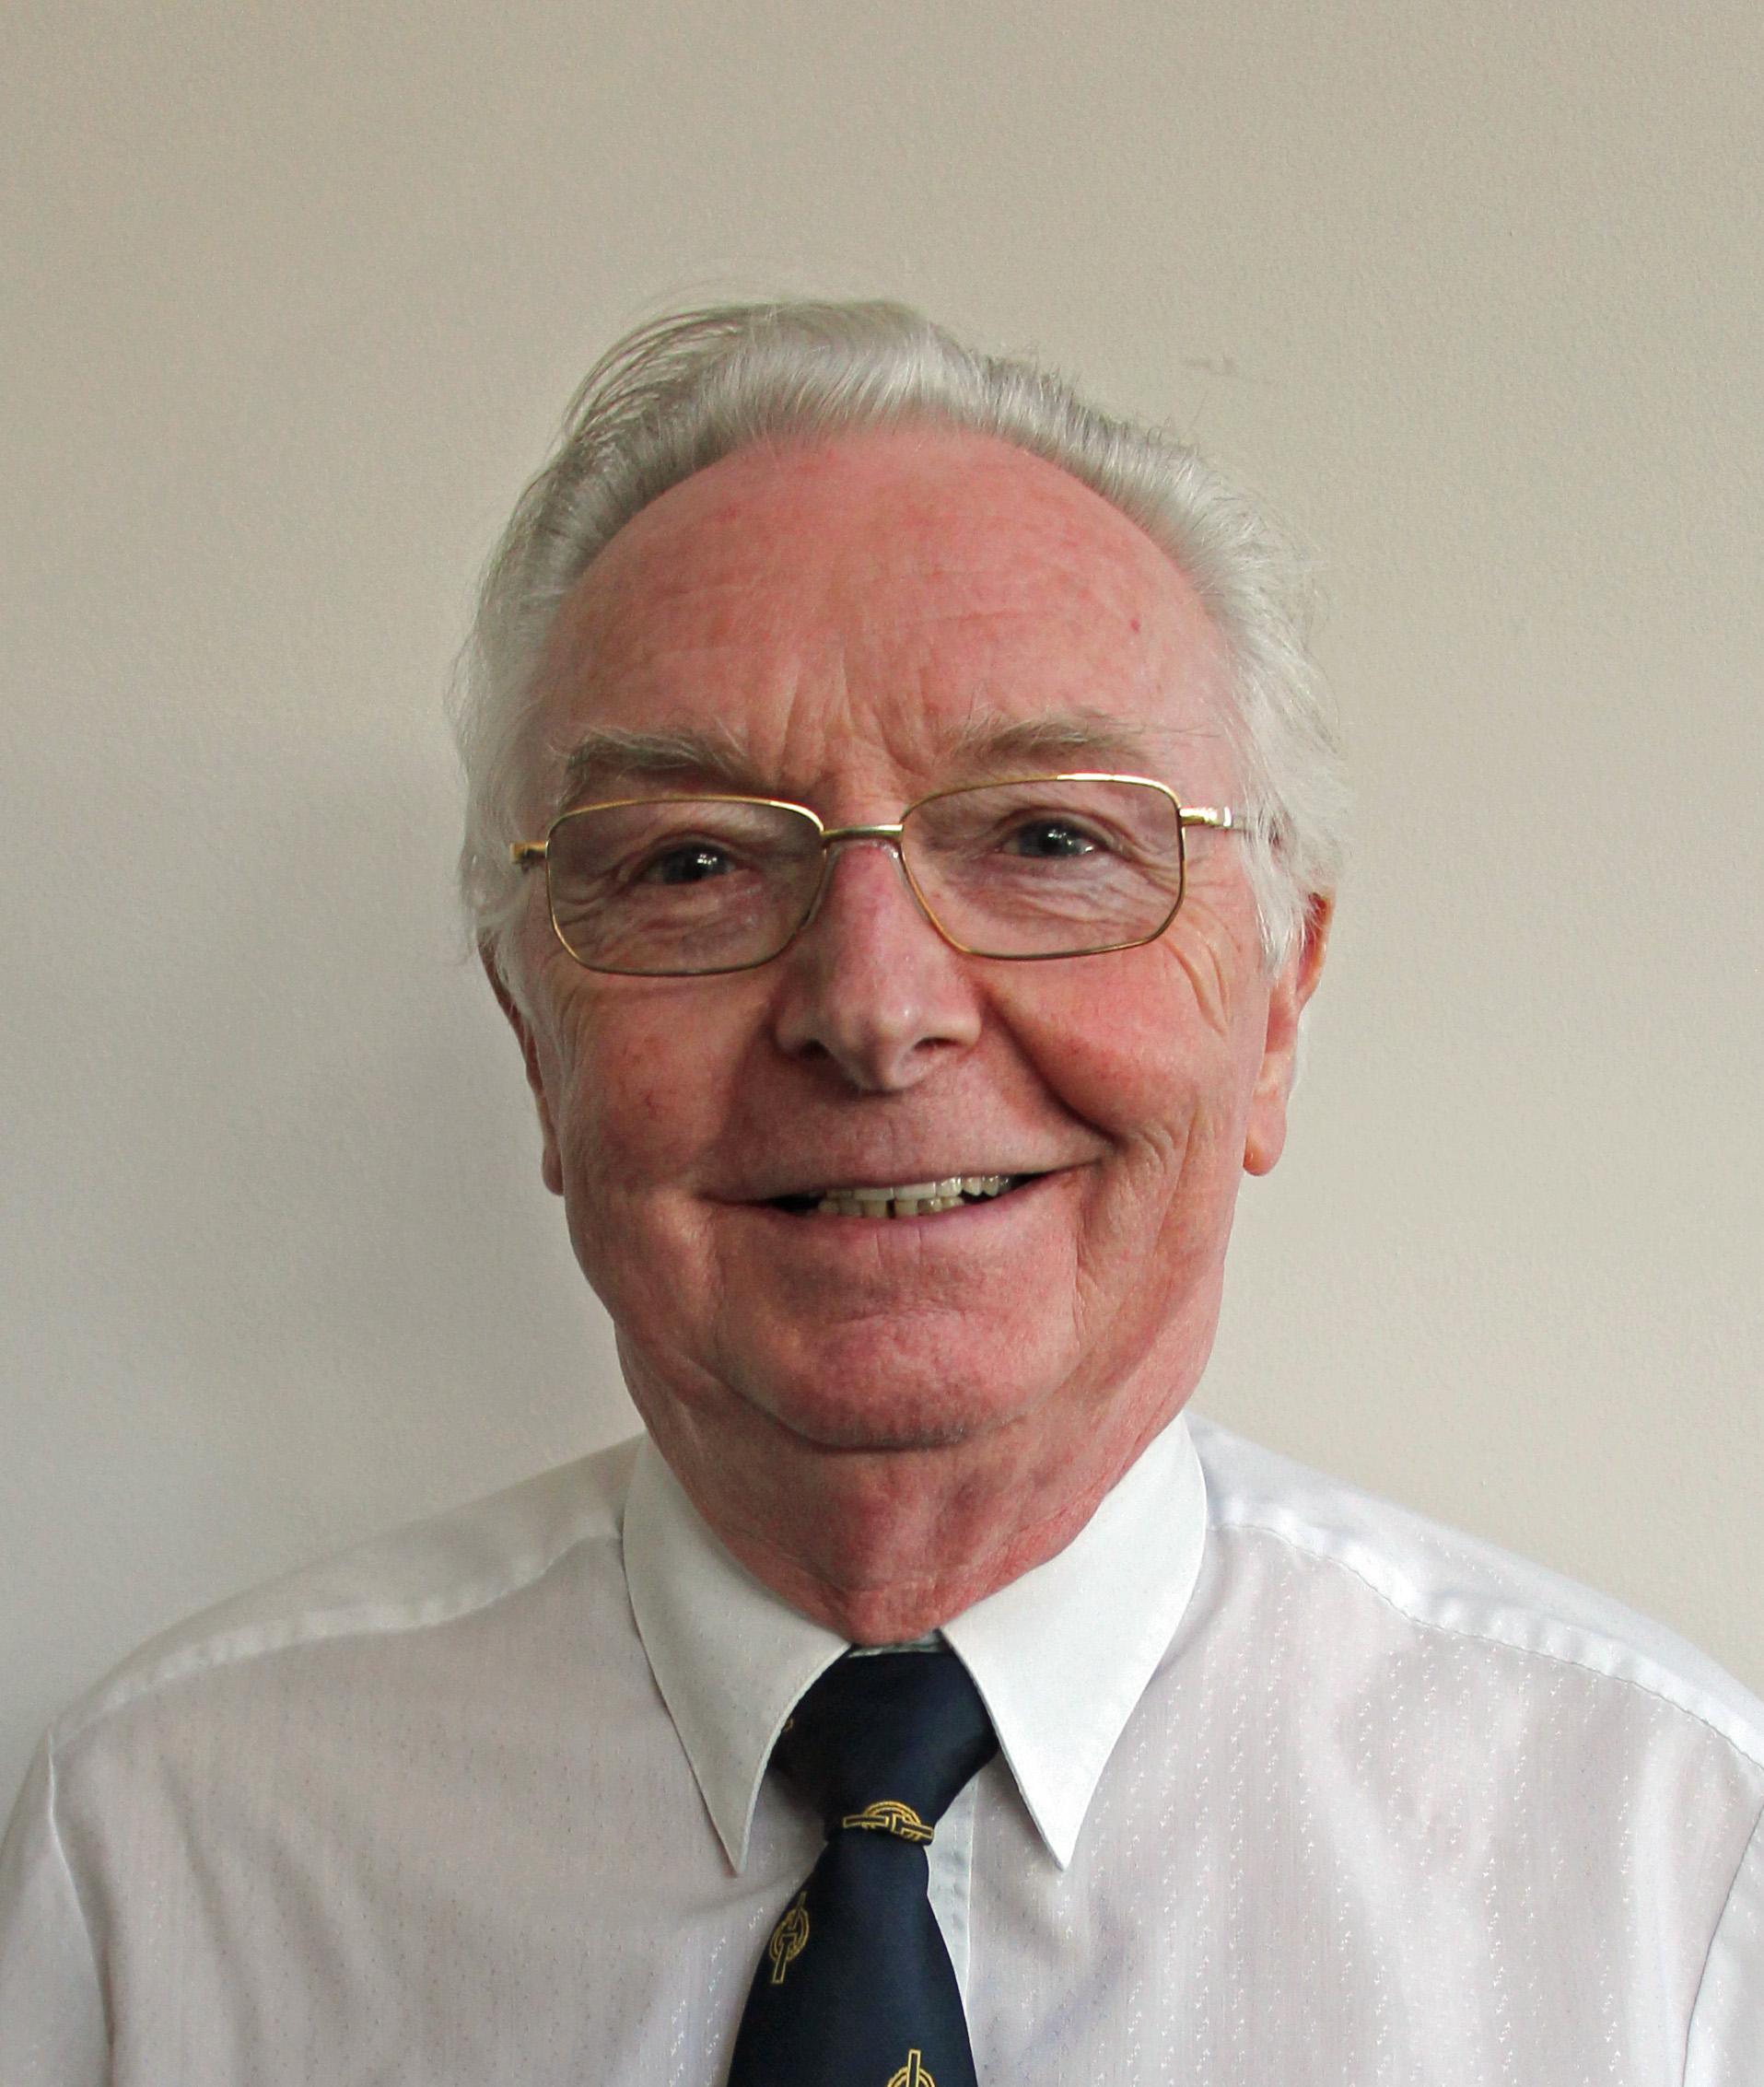 John Coughtrey